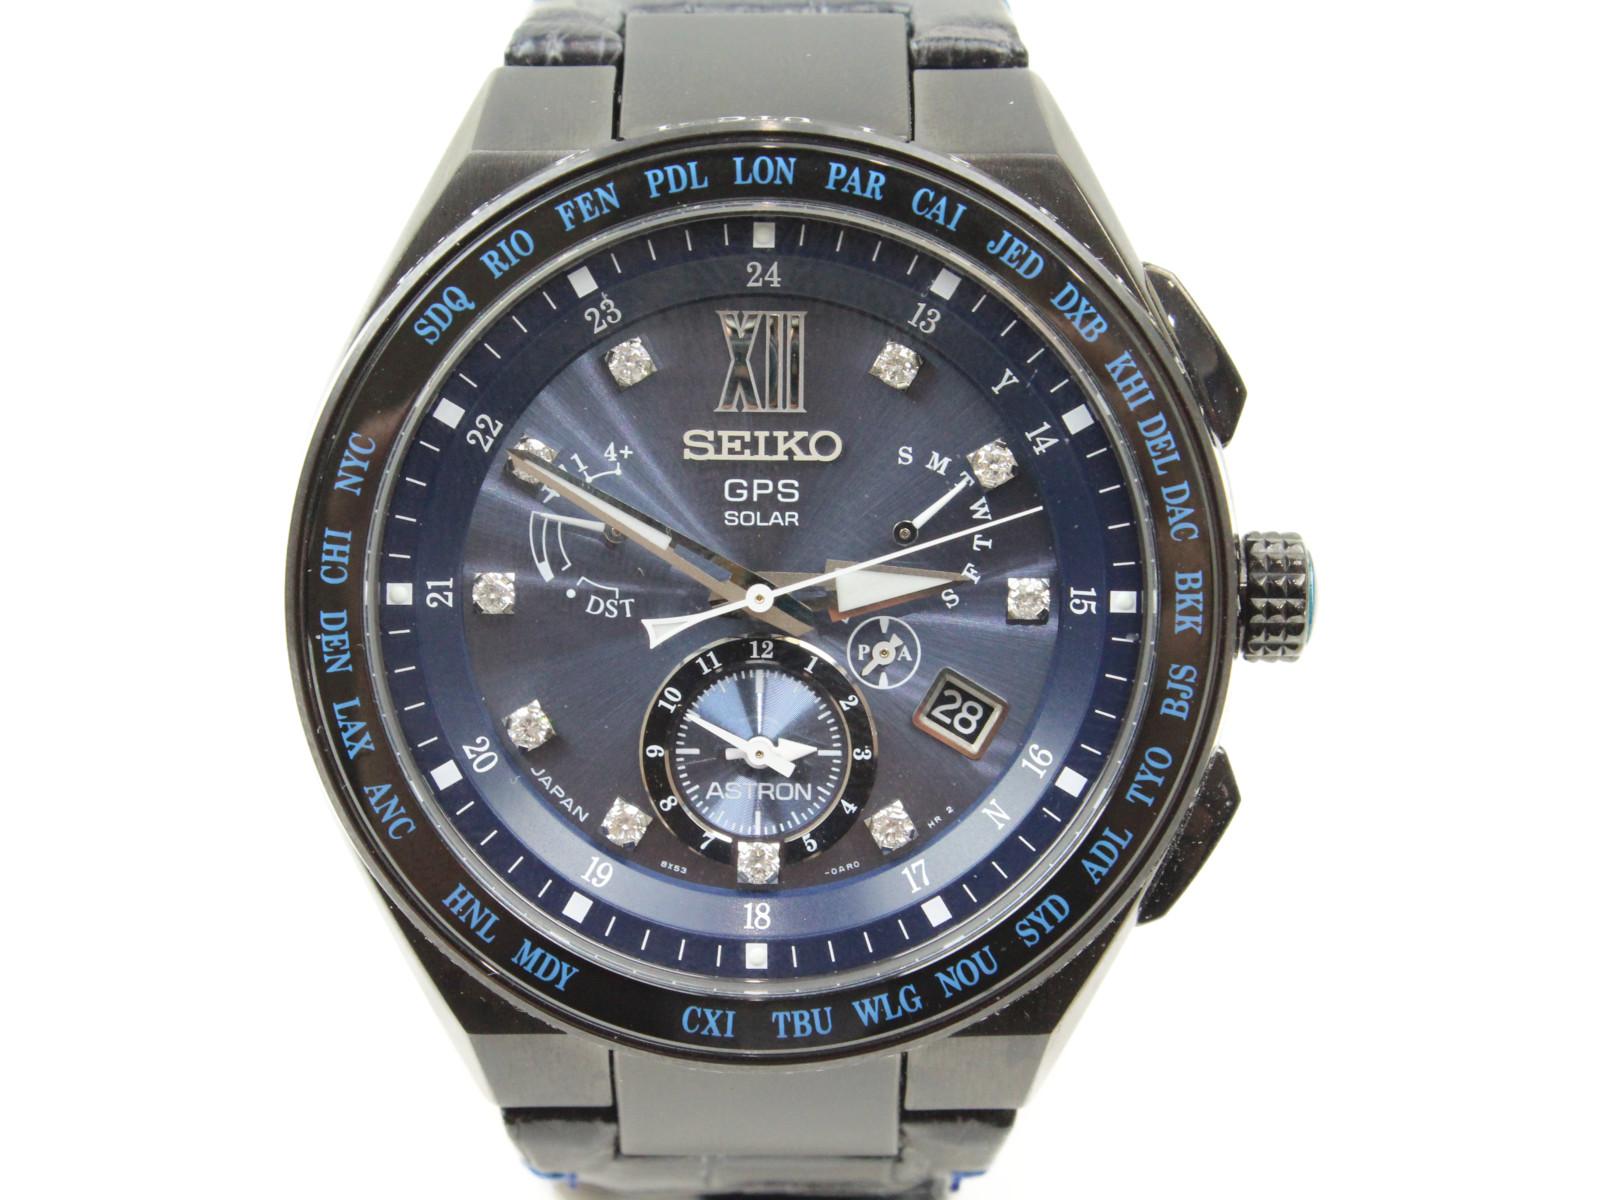 【500本限定モデル】SEIKO アストロン SBXB157 ダイヤモンド ソーラーGPS チタン 革ベルト ブラック ブルー メンズ腕時計【中古】